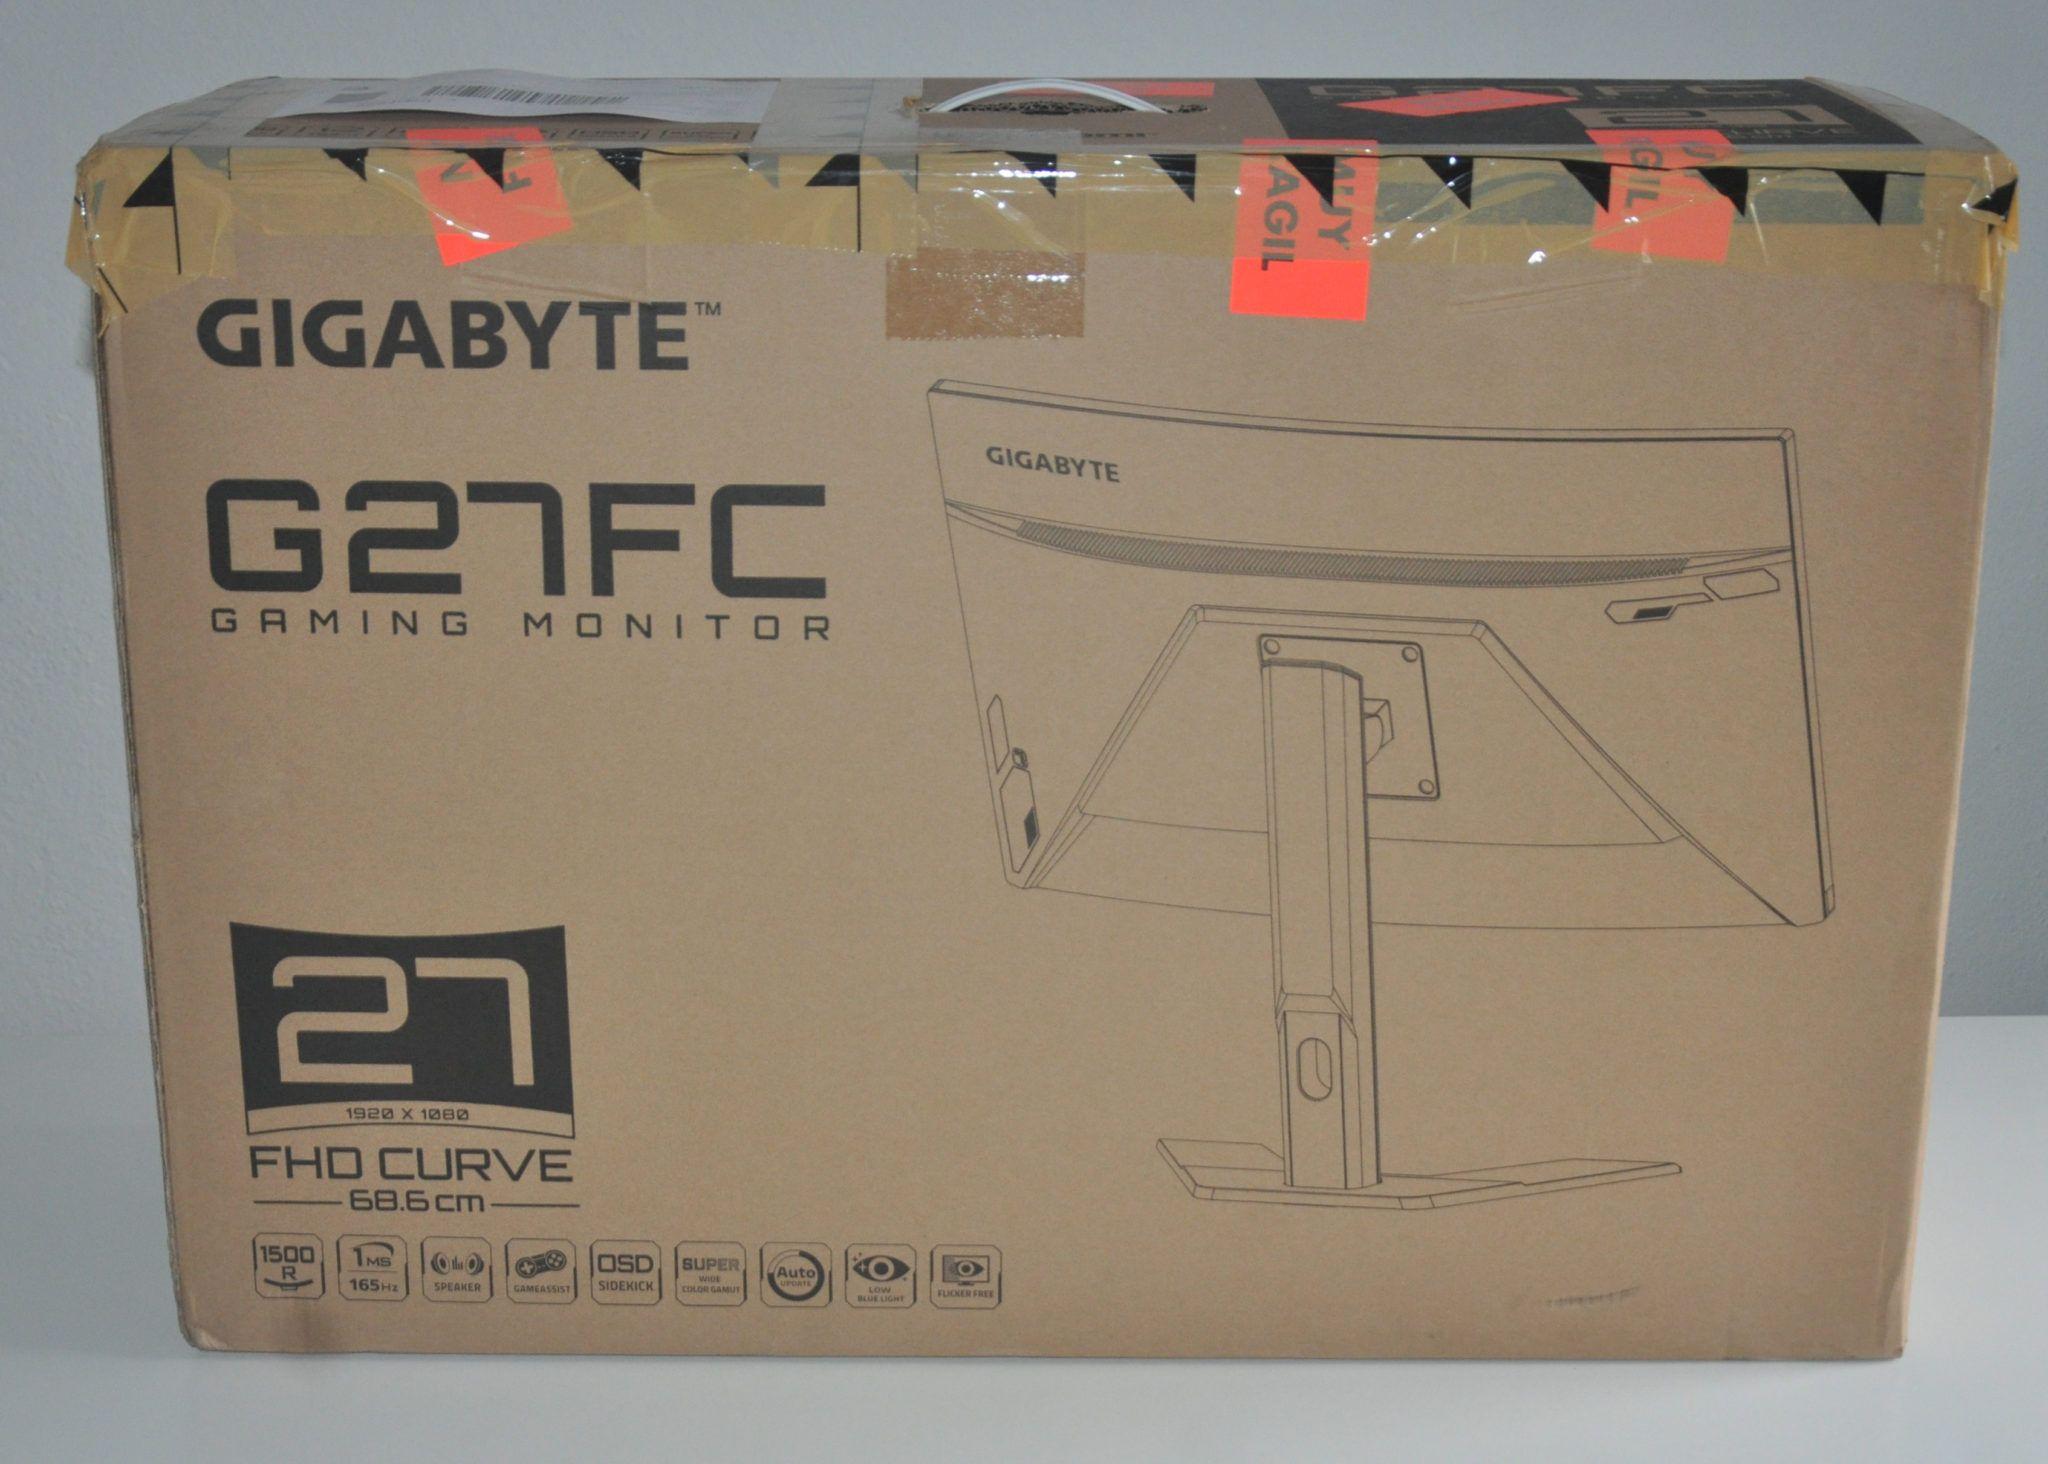 Review Gigabyte G27FC 2